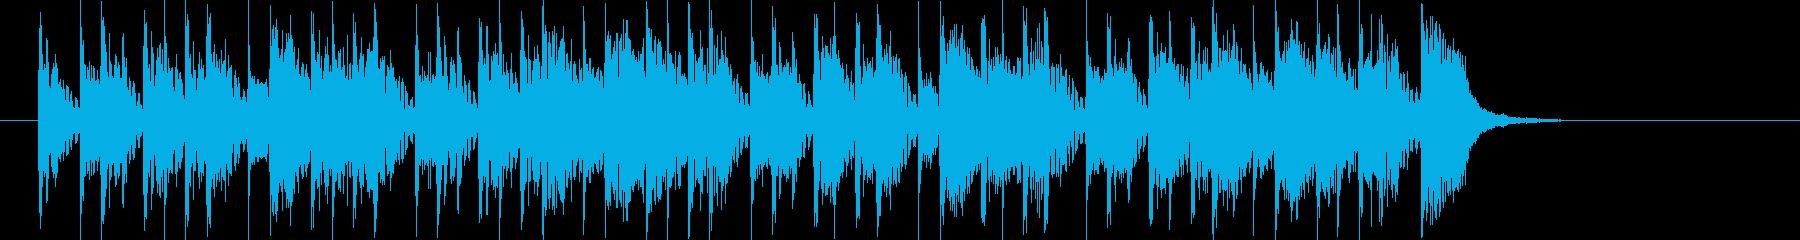 シンセベースやドラムが80年代風の楽曲の再生済みの波形